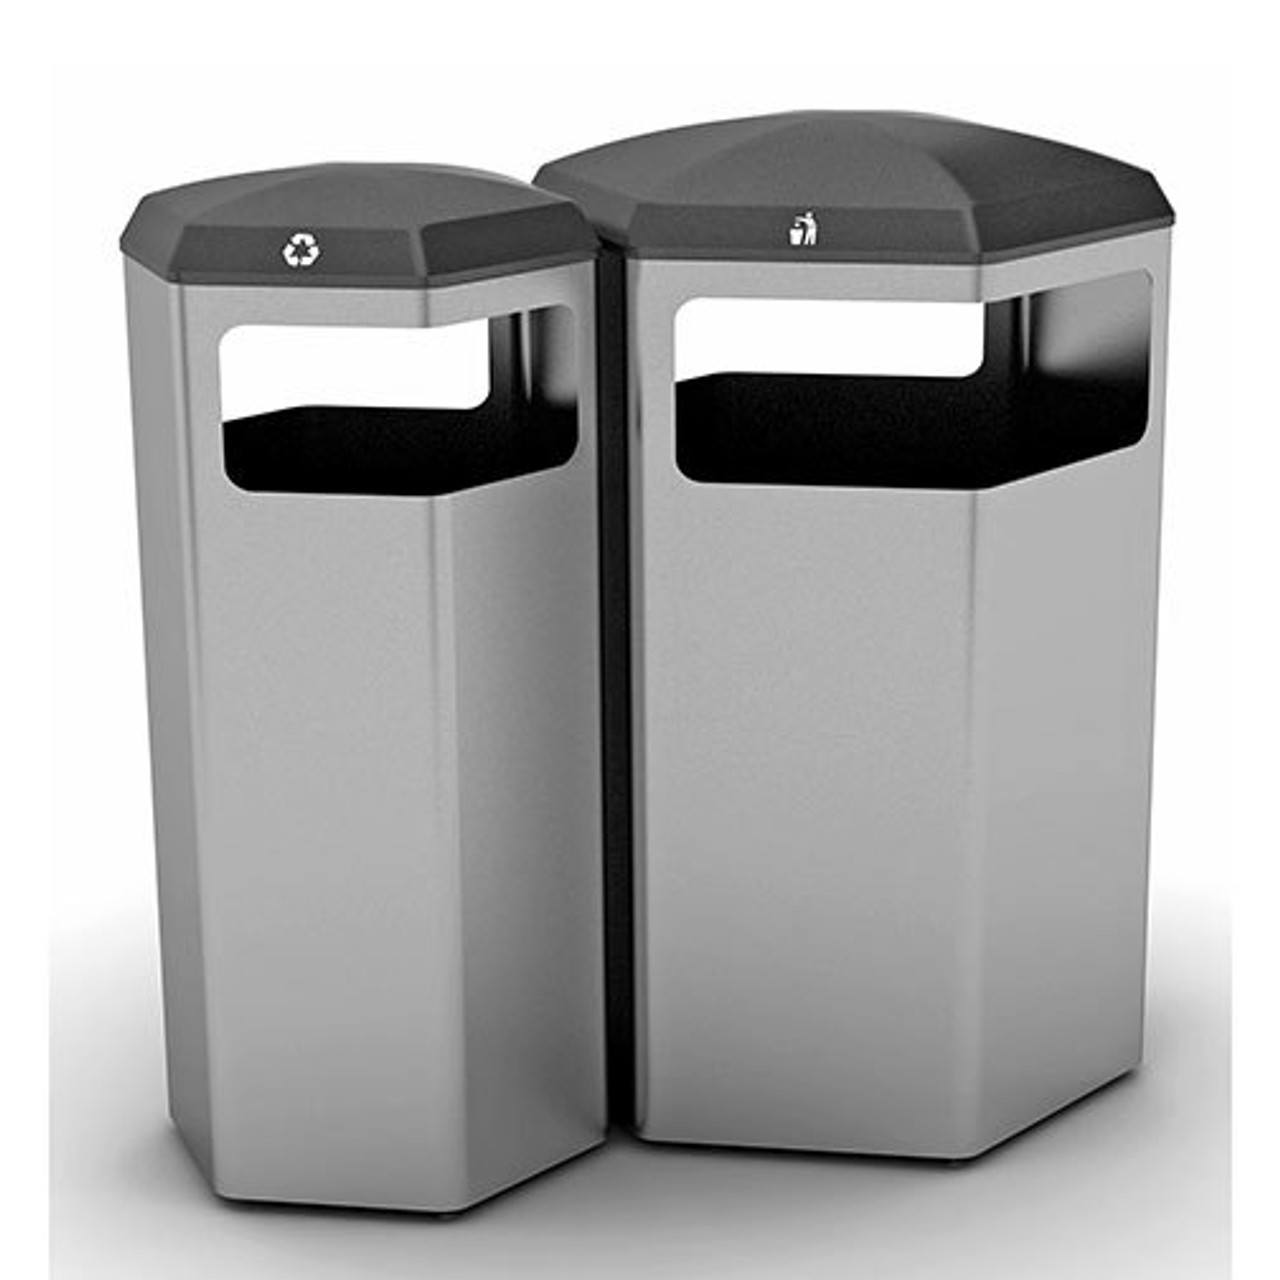 Peter Pepper HexBin Trash Cans